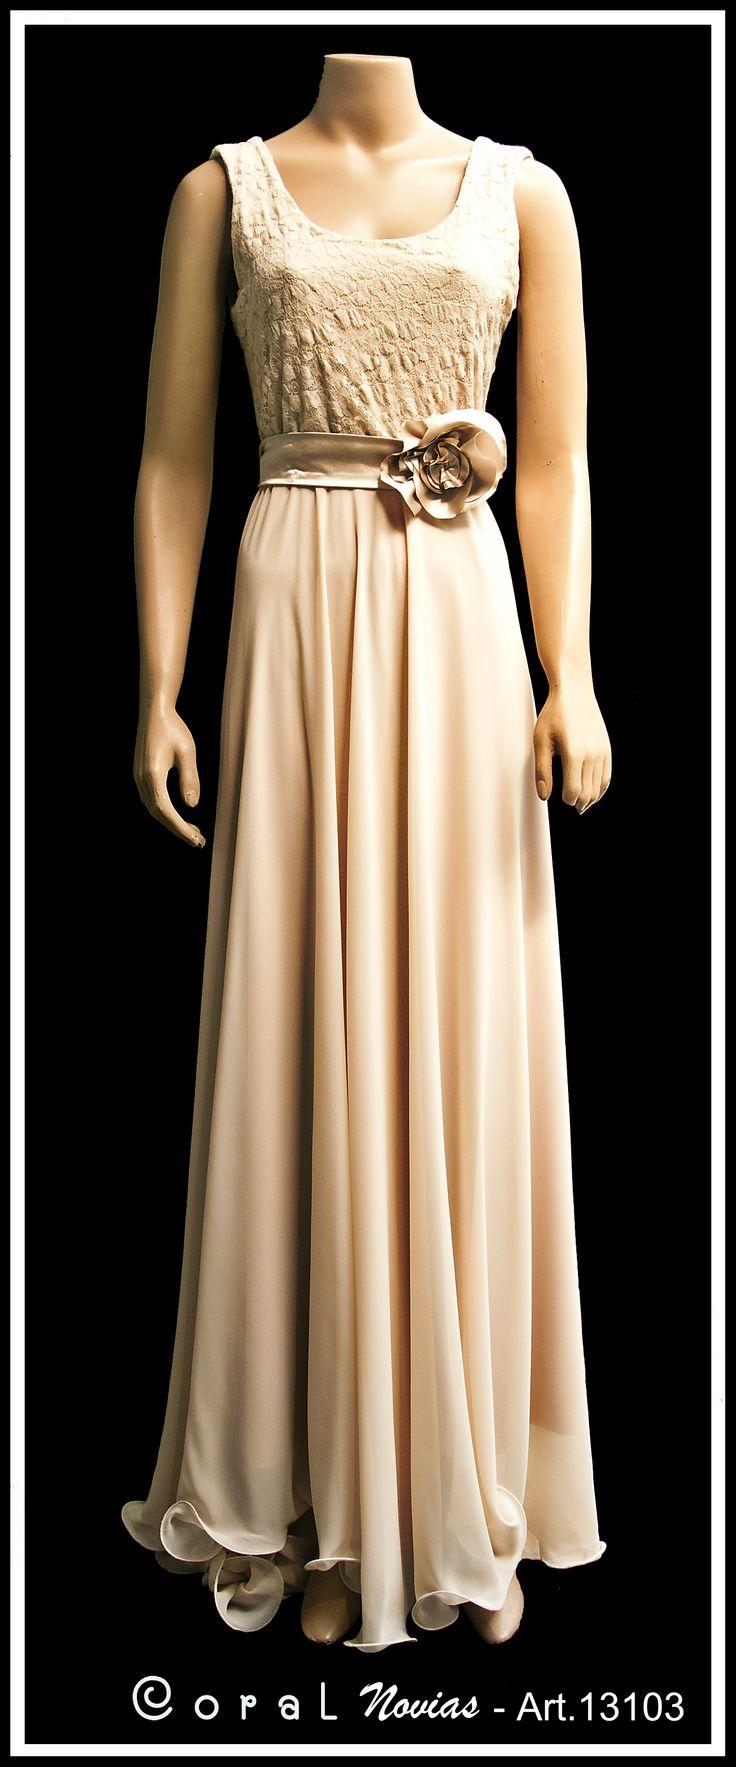 Vestido color canela con corsage de encaje y pollera de muselina con cola.